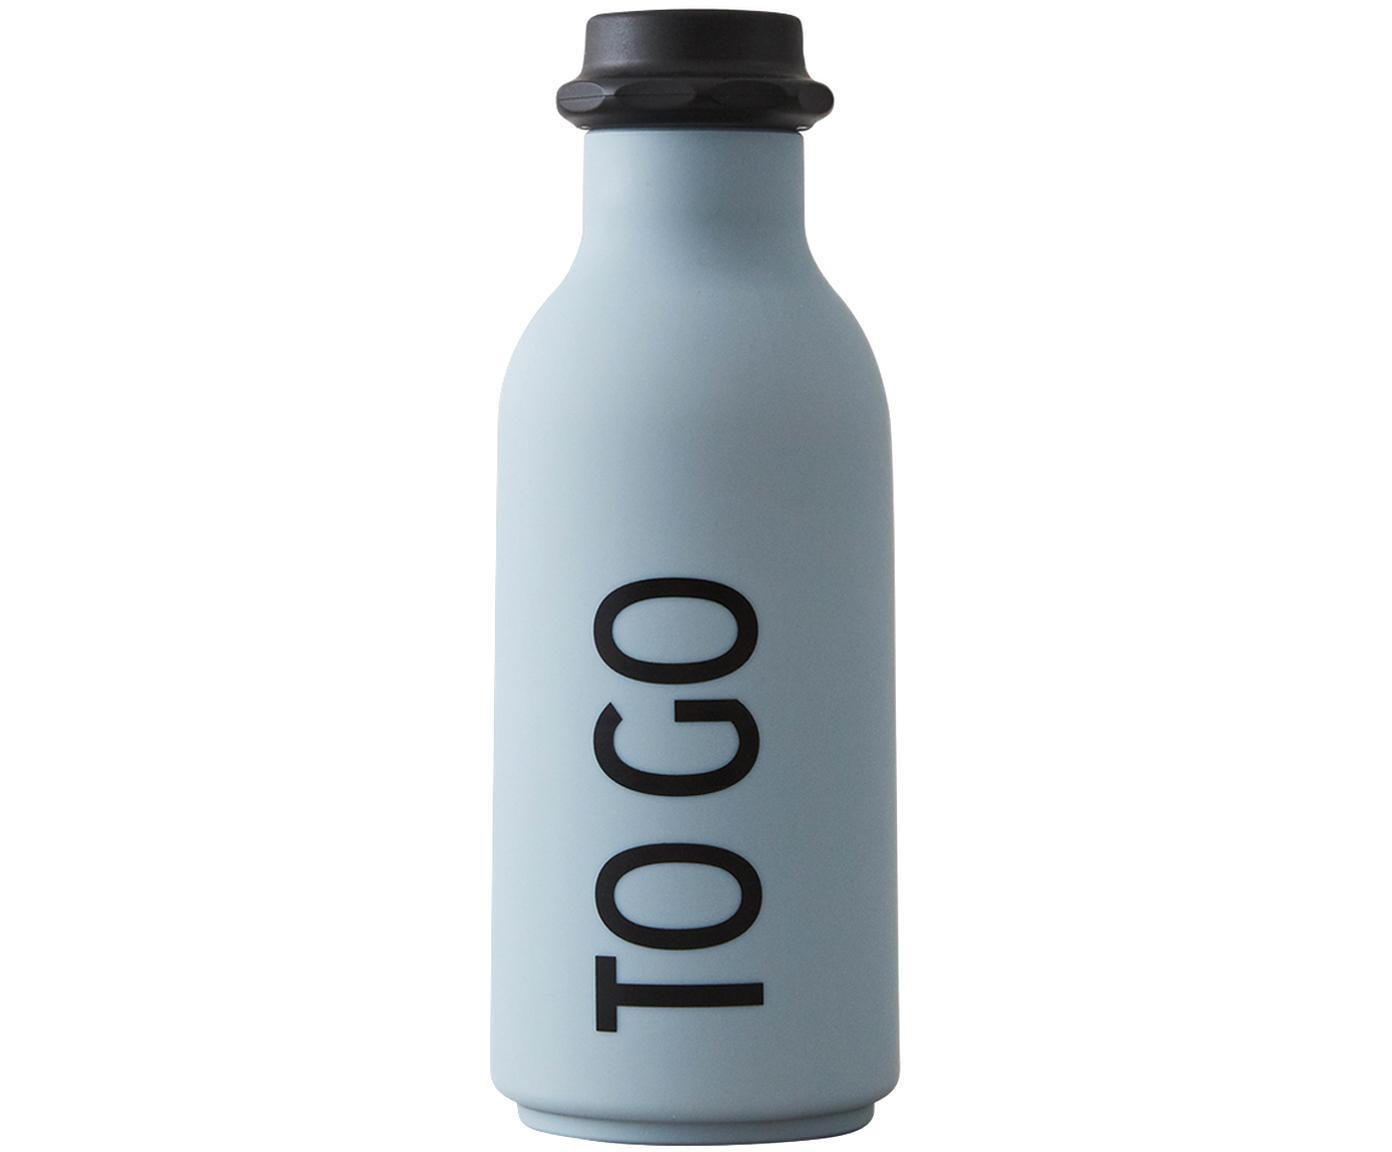 Design Isolierflasche To Go mit Schriftzug, Flasche: Tritan (Kunststoff), BPA-, Deckel: Polypropylen, Hellblau matt, Schwarz, Ø 8 x H 20 cm